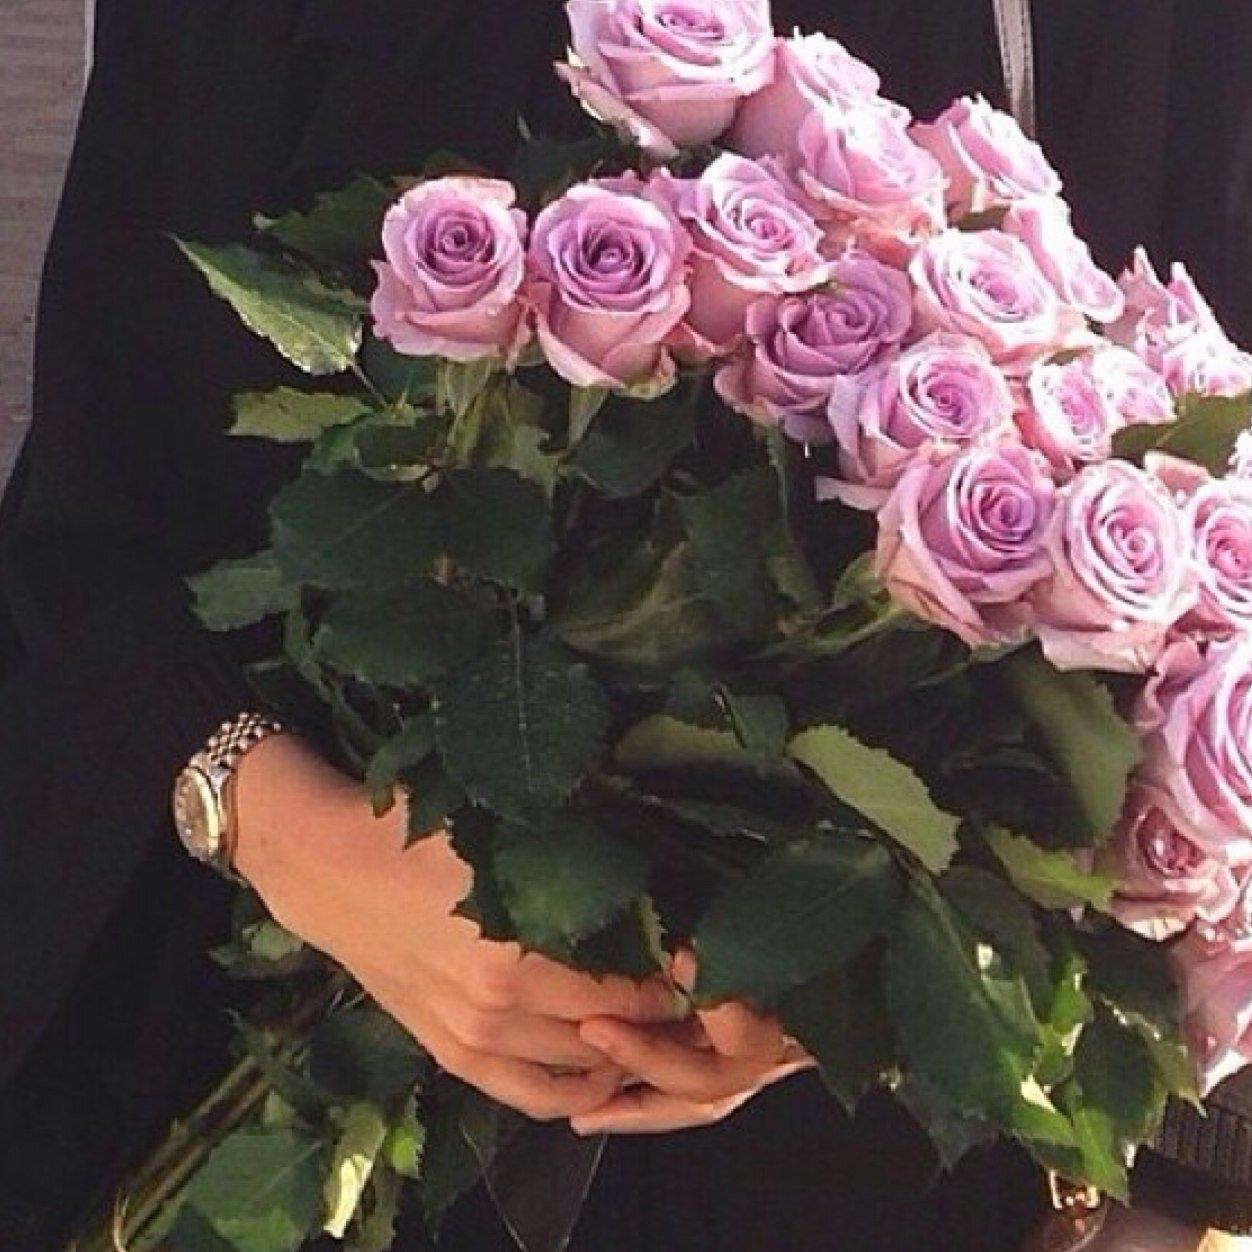 Девушка в руках цветы